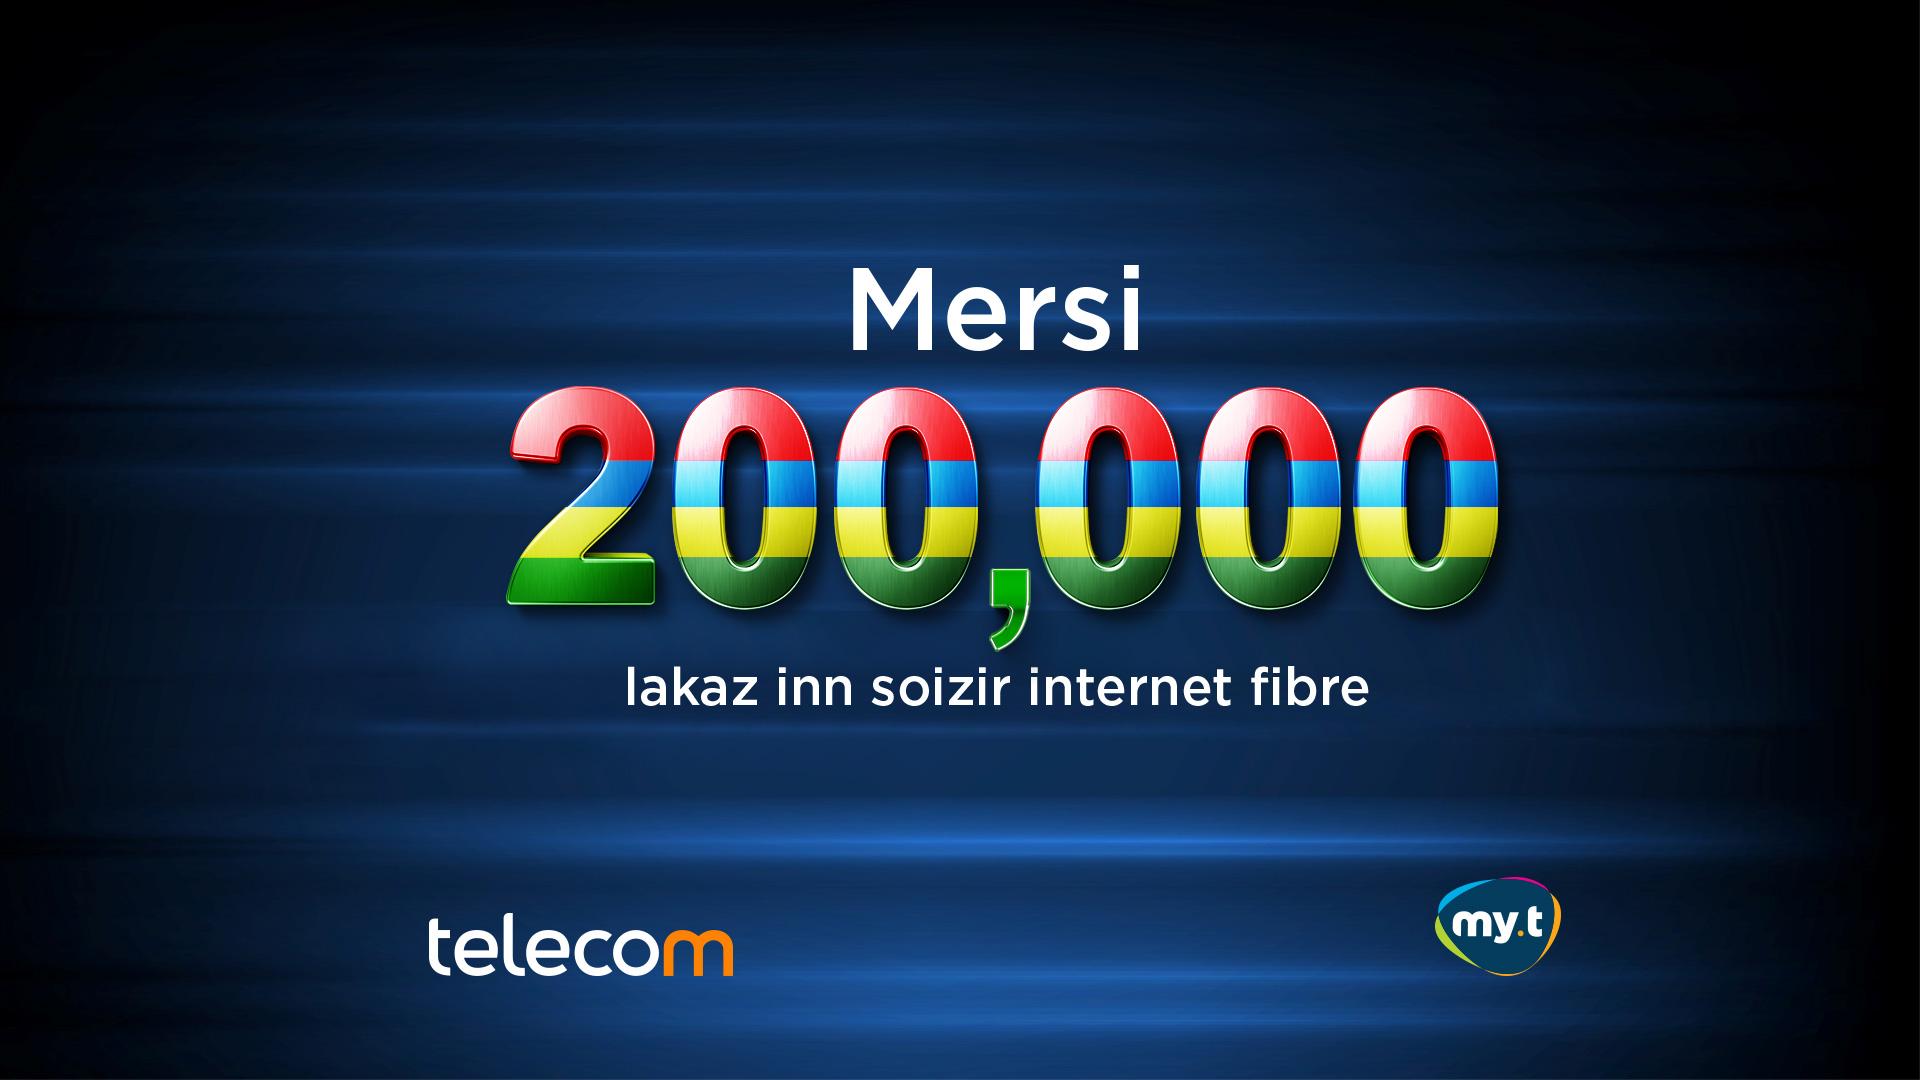 200 000 internet fibre